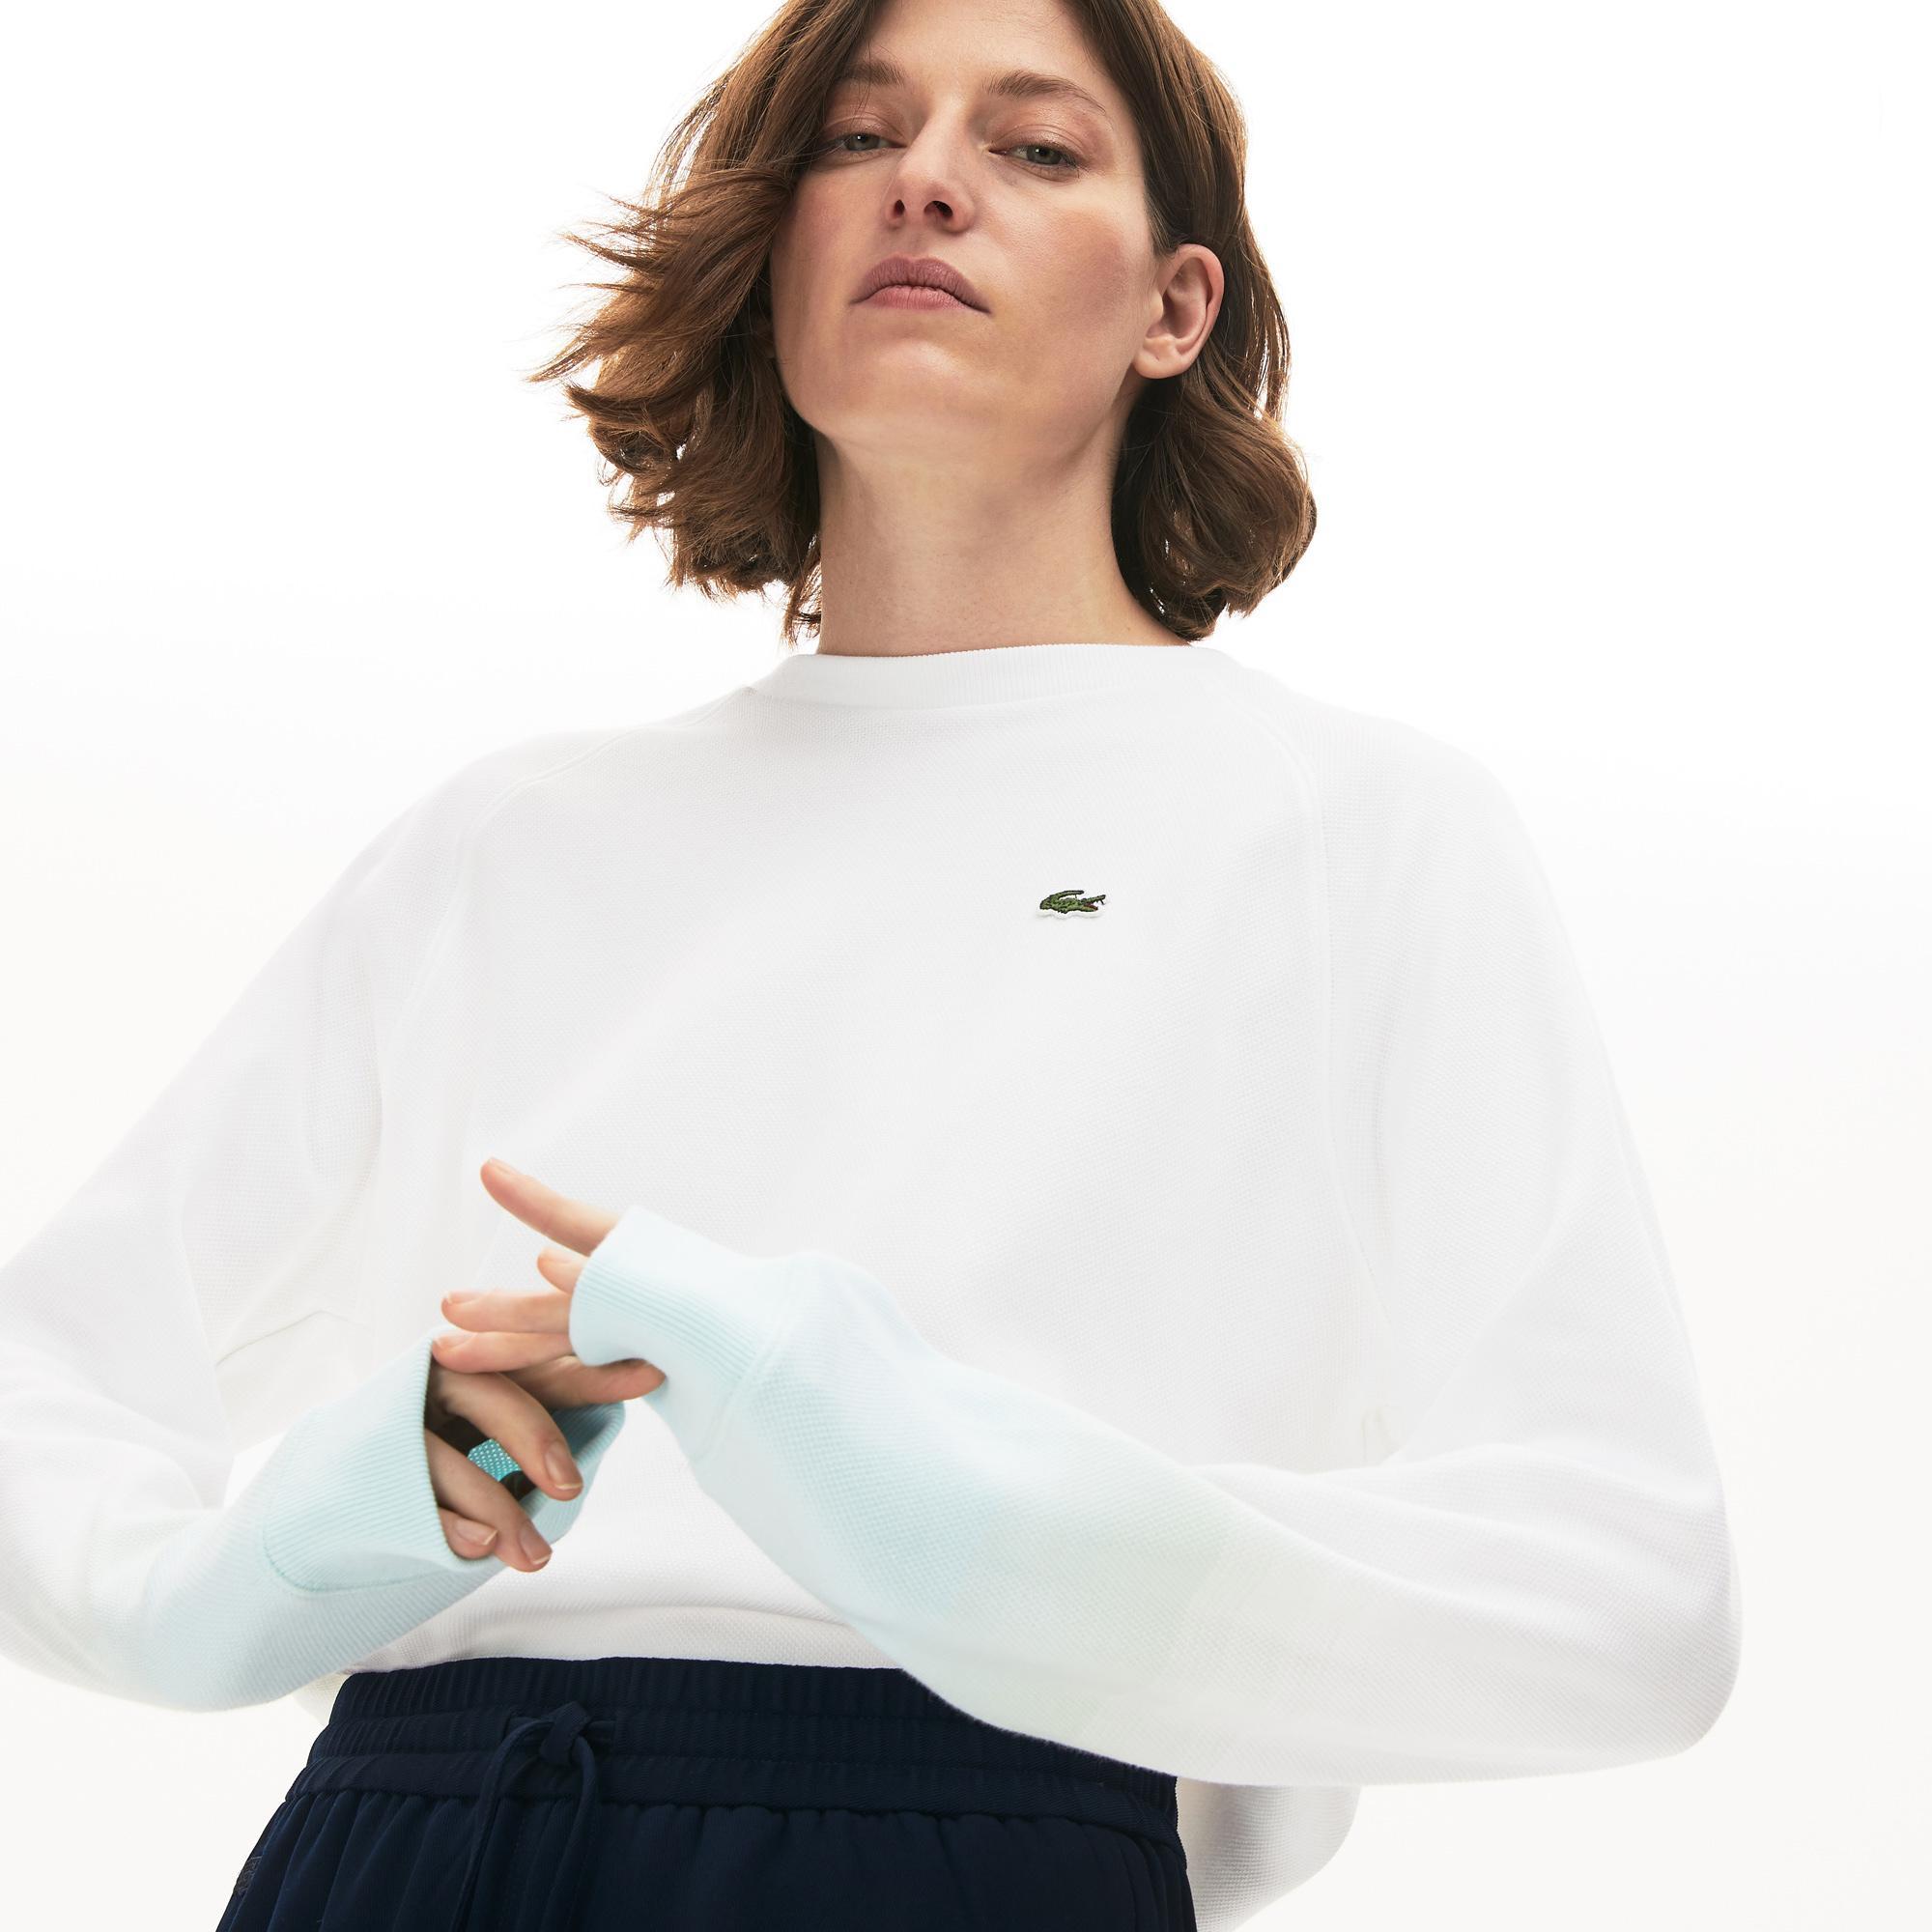 Lacoste Damska Bluza Z Organicznej Bawełniany Z Okrągłym Dekoltem Made İn France